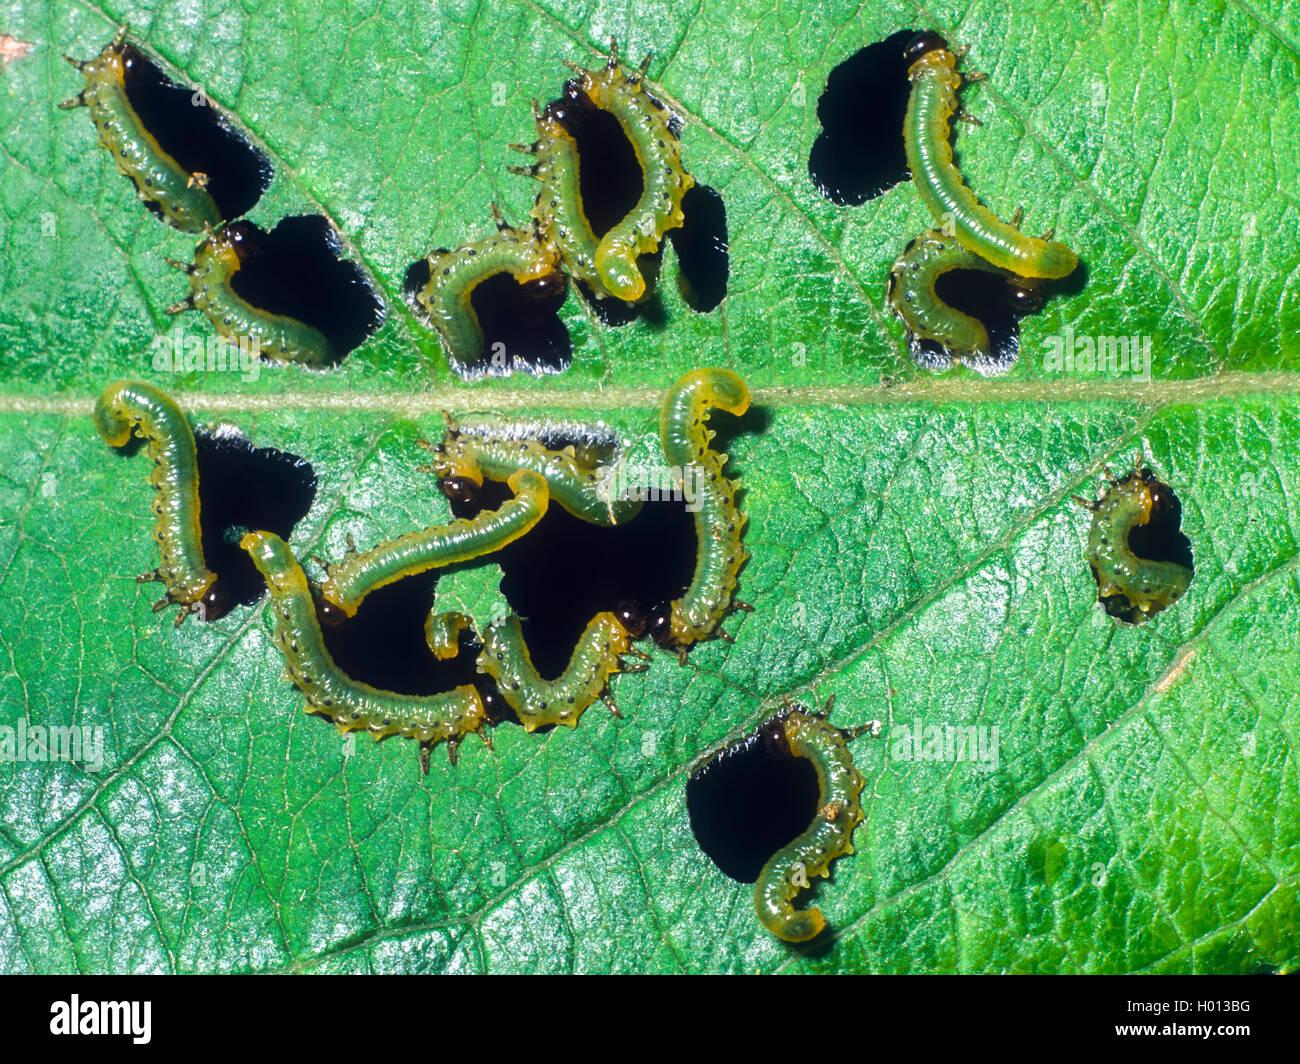 Blattwespe, Blatt-Wespe (Tenthredinidae), Larven beim Fensterfrass an der Unterseite eines Schwarzerlen-Blattes - Stock Image